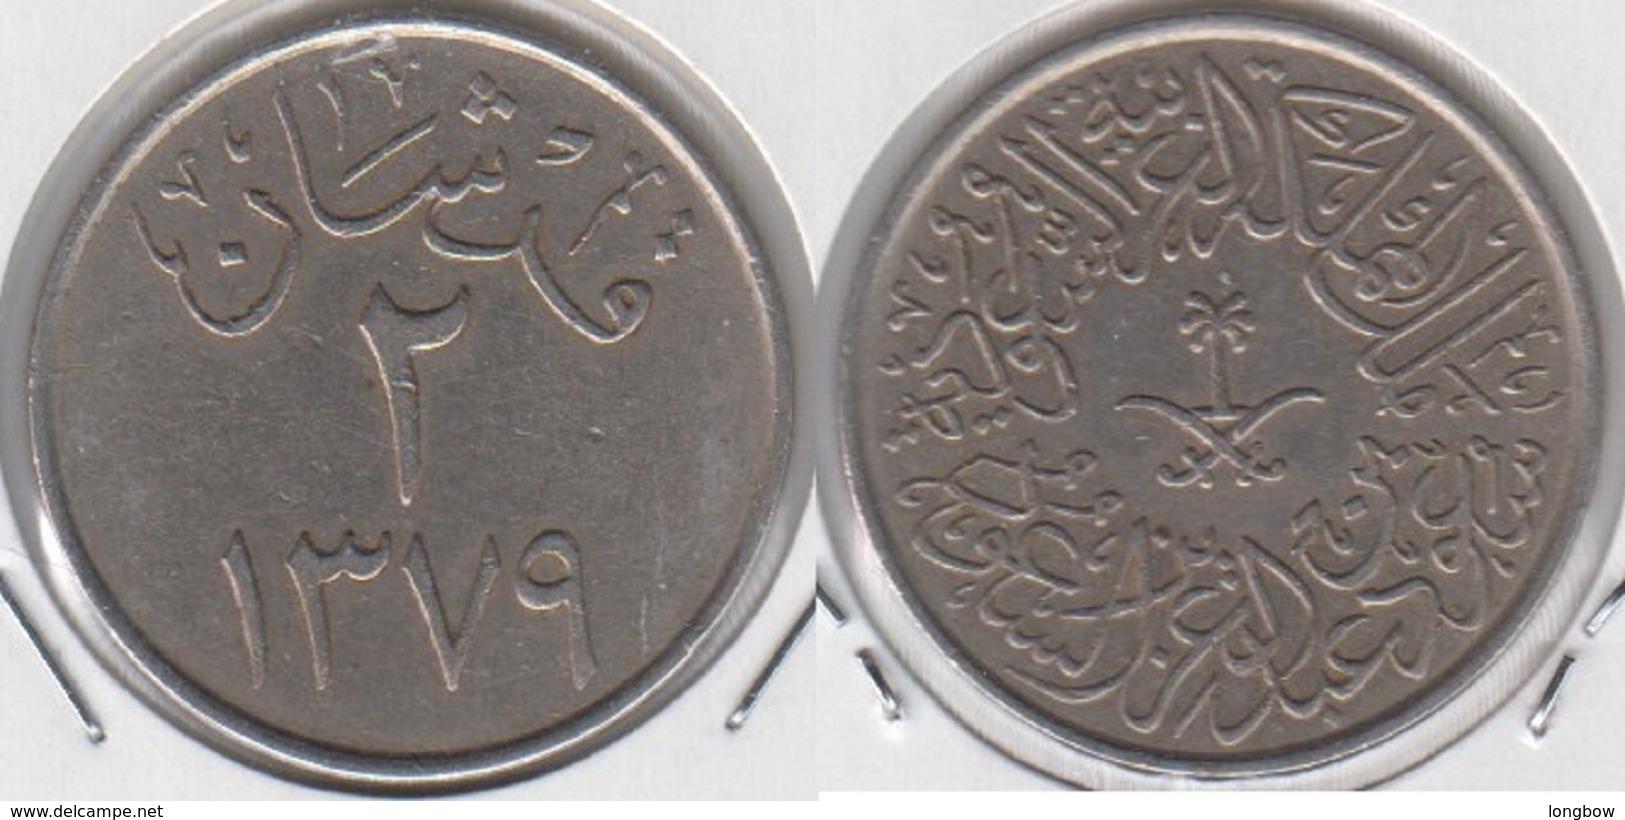 Saudi Arabia 2 Ghirsh 1959 (2nd King Saud) KM#41 - Used - Saudi Arabia